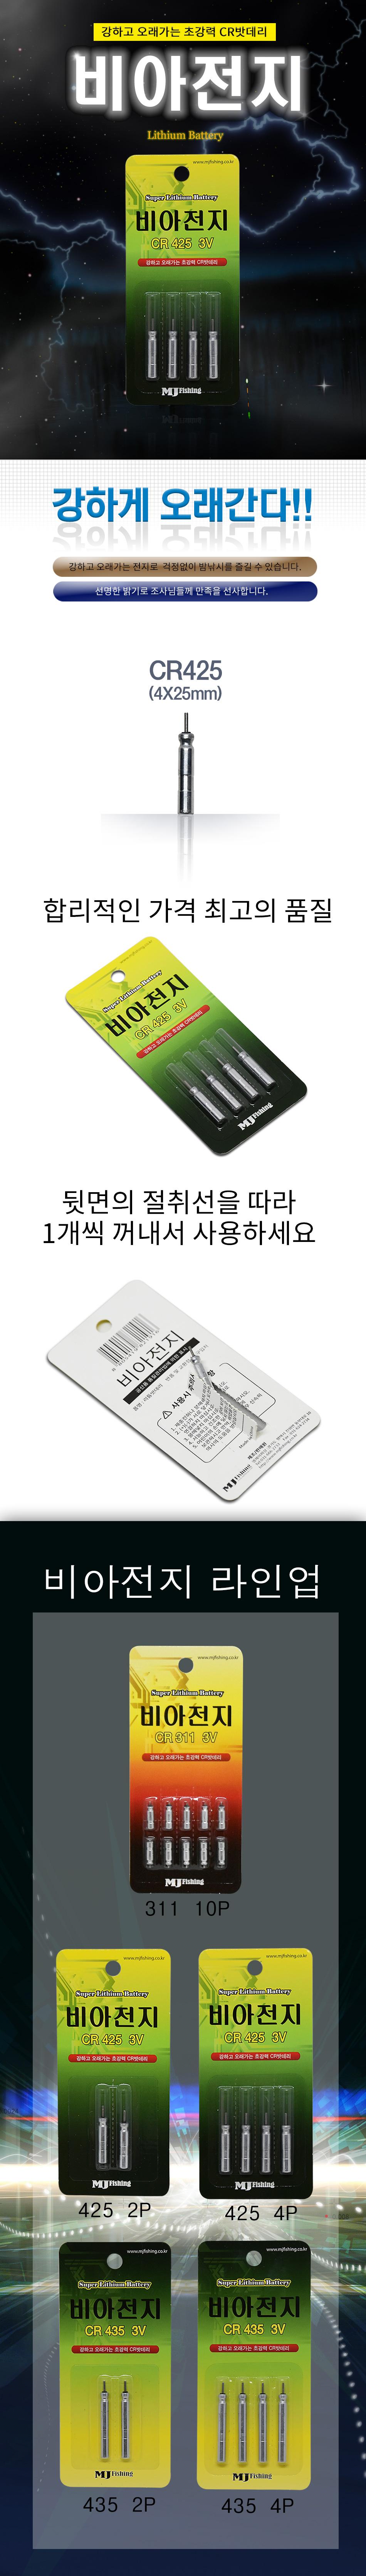 MJ피싱 비아전지 (리튬배터리) 리튬밧데리 리튬전지 벌크전지 전자케미밧데리 전자케미전지 전자찌전지 전자찌배터리